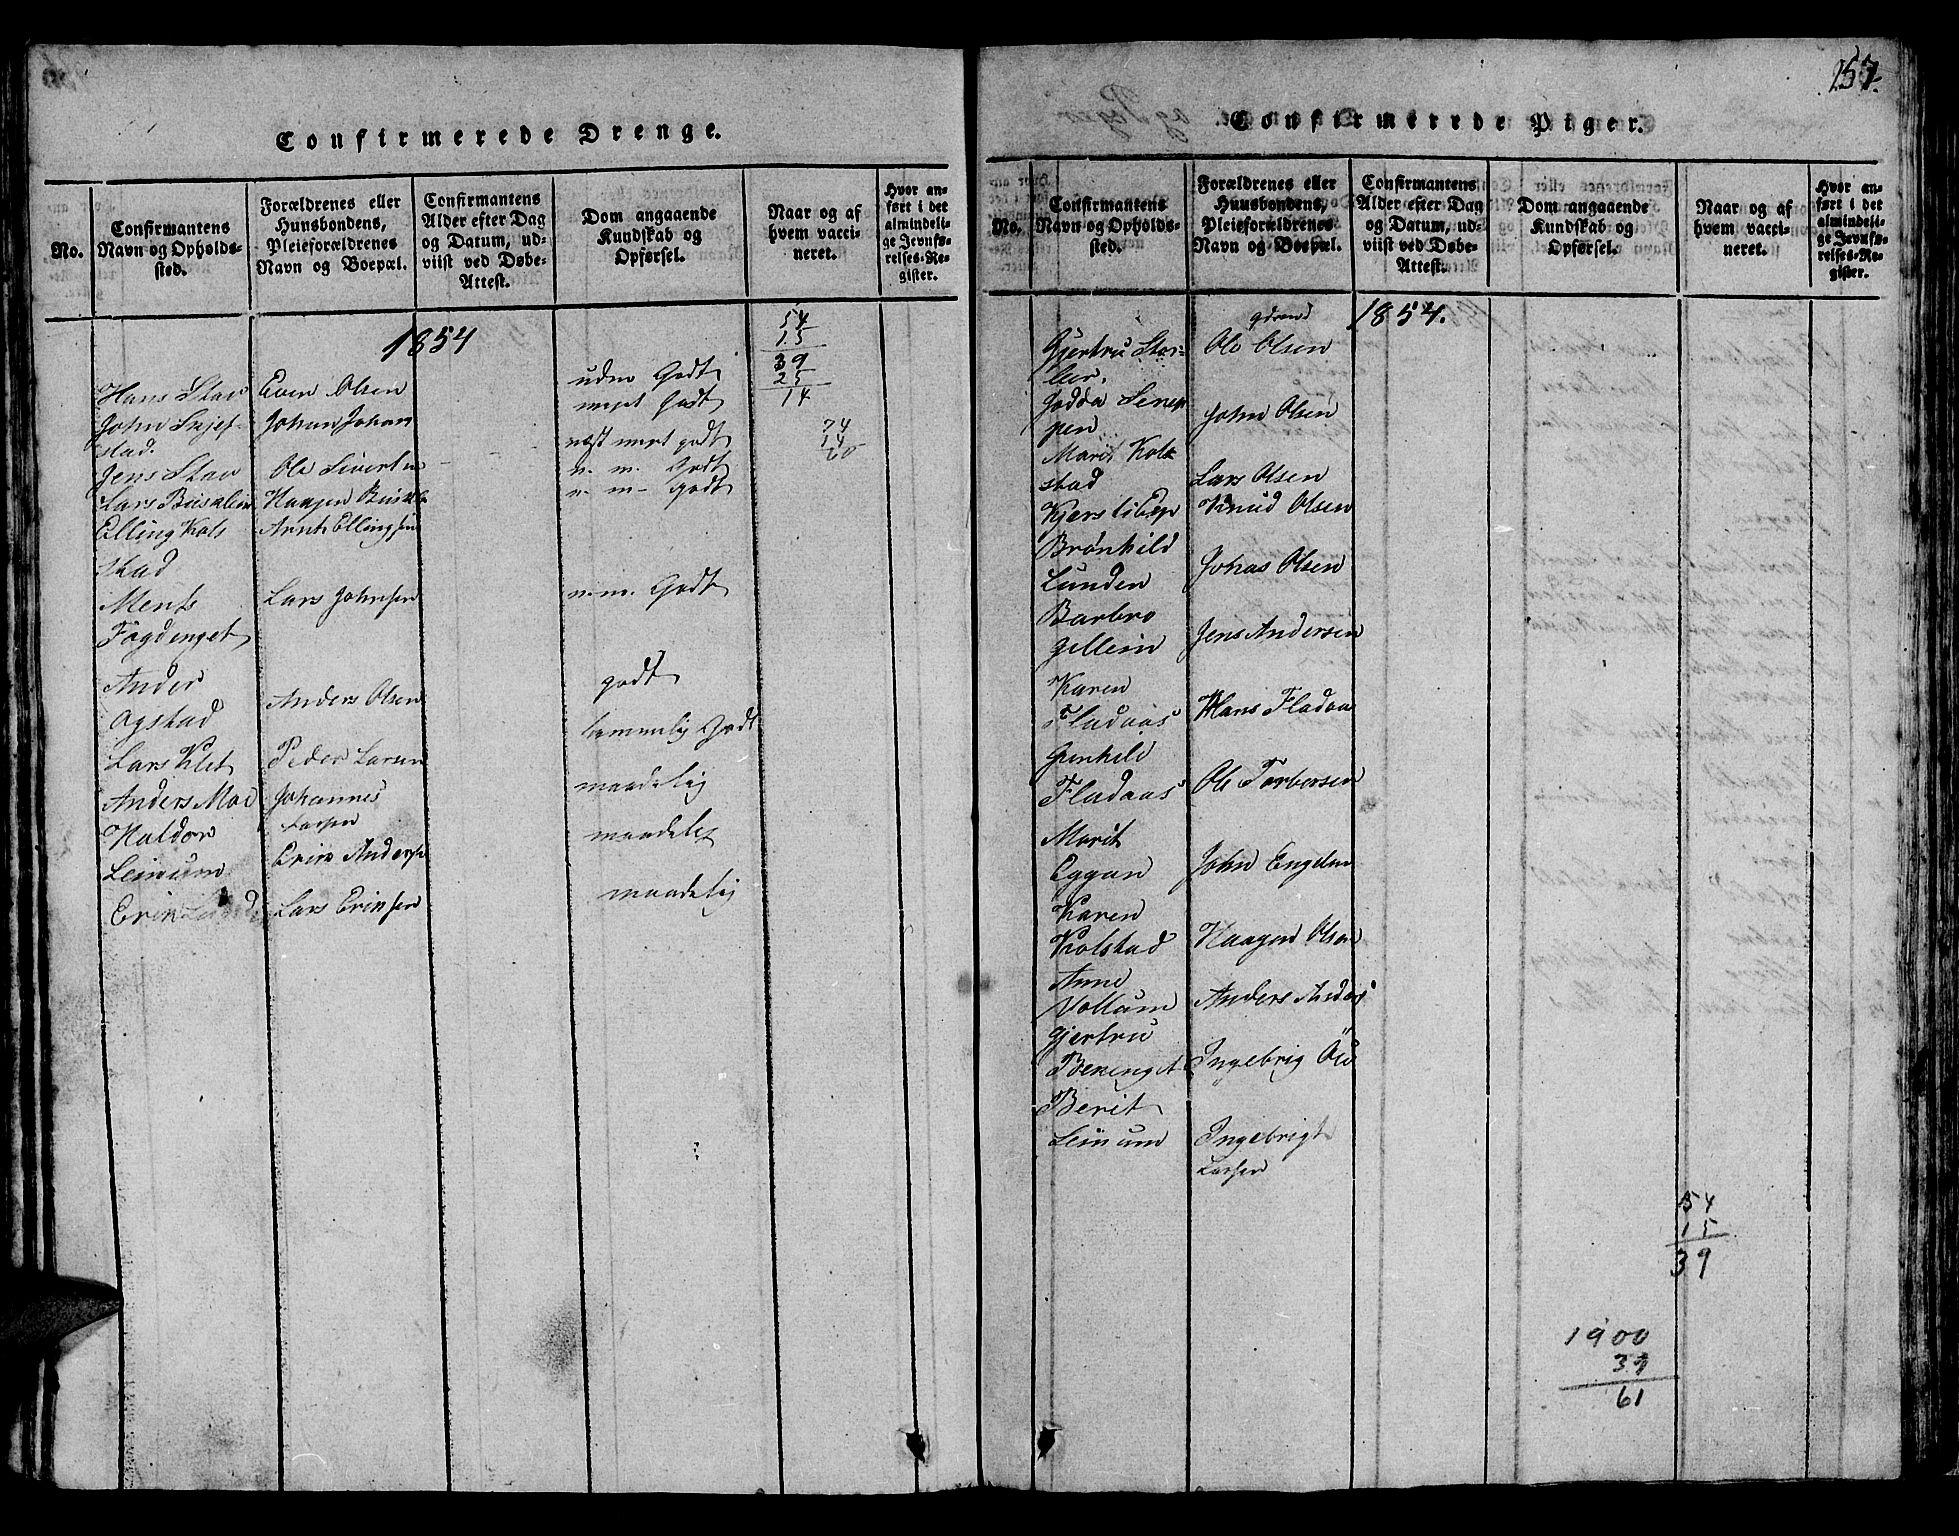 SAT, Ministerialprotokoller, klokkerbøker og fødselsregistre - Sør-Trøndelag, 613/L0393: Klokkerbok nr. 613C01, 1816-1886, s. 257